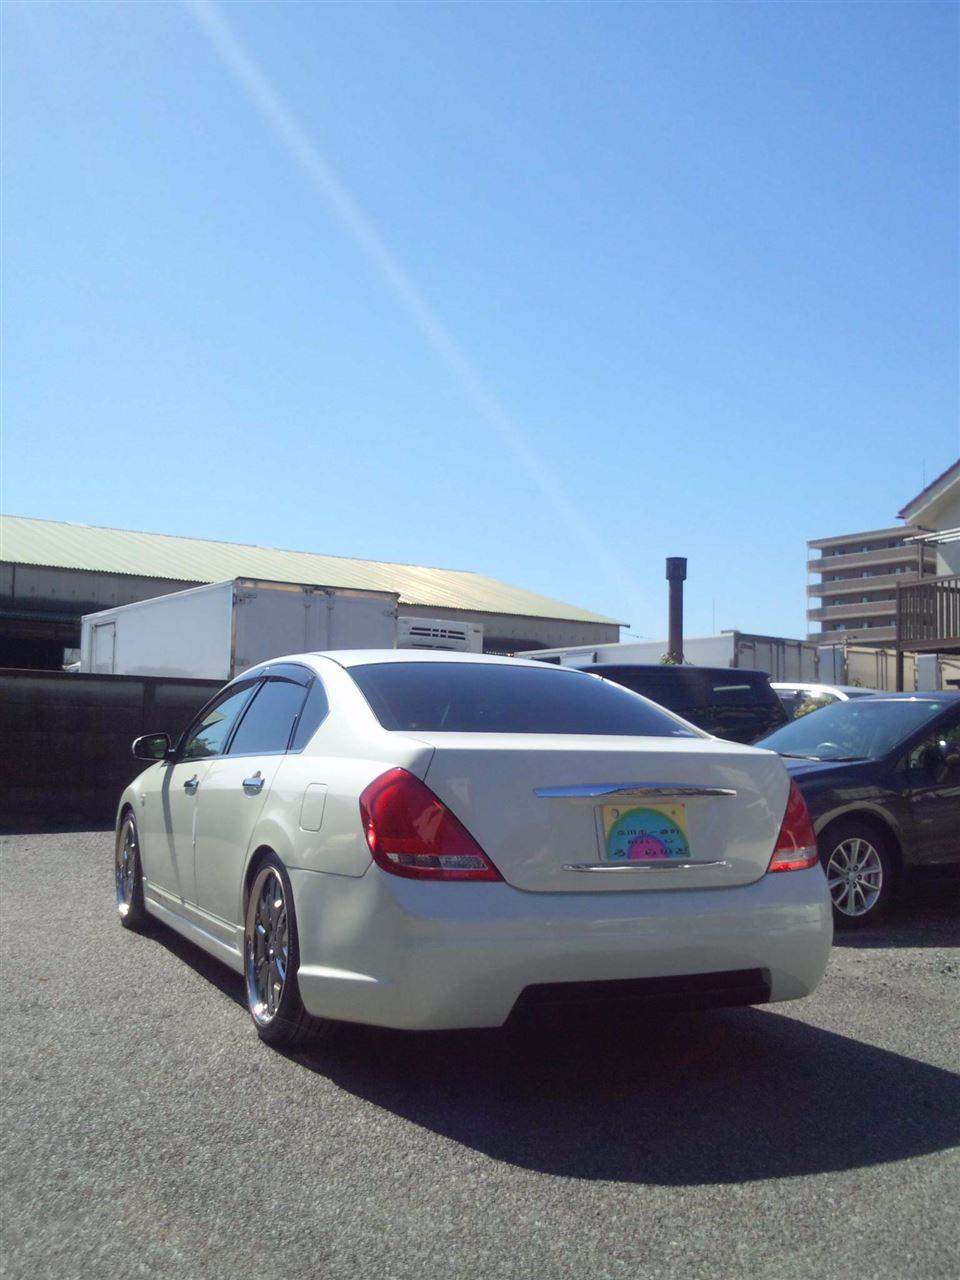 東京都立川市の車の板金塗装修理工場 ガレージローライドの日産 ティアナのエアロパーツ 塗装 取り付け です。